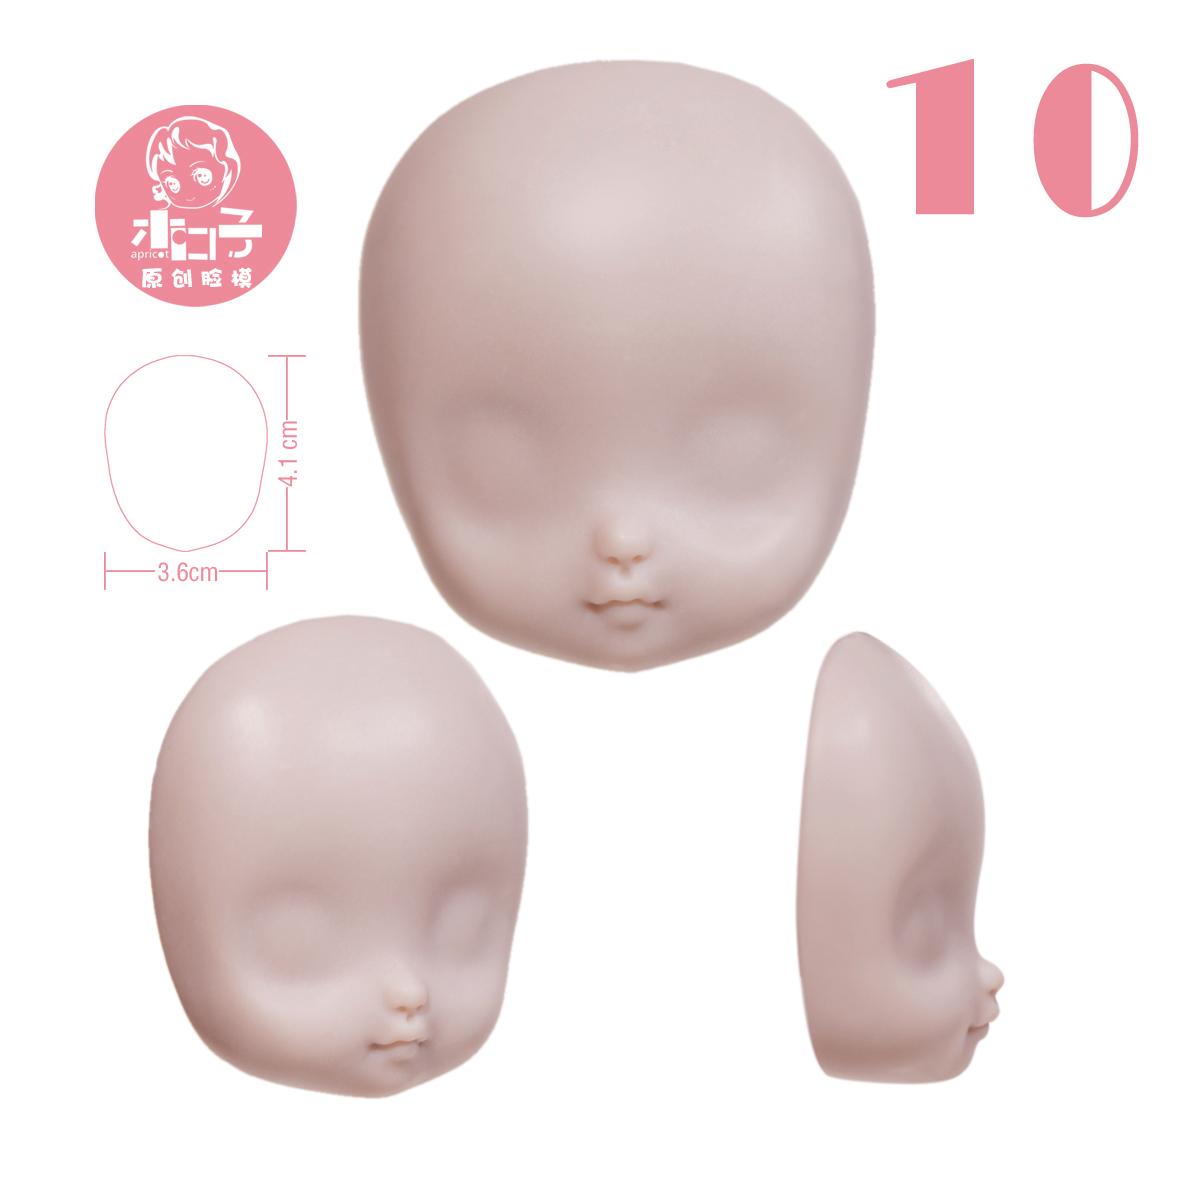 Mukouzi khuôn mặt nguyên mẫu-ob11 khuôn mặt mô hình Q phiên bản khuôn silicon với kích thước quỹ đạo nhỏ Q phiên bản 10 khuôn mặt - Tự làm khuôn nướng